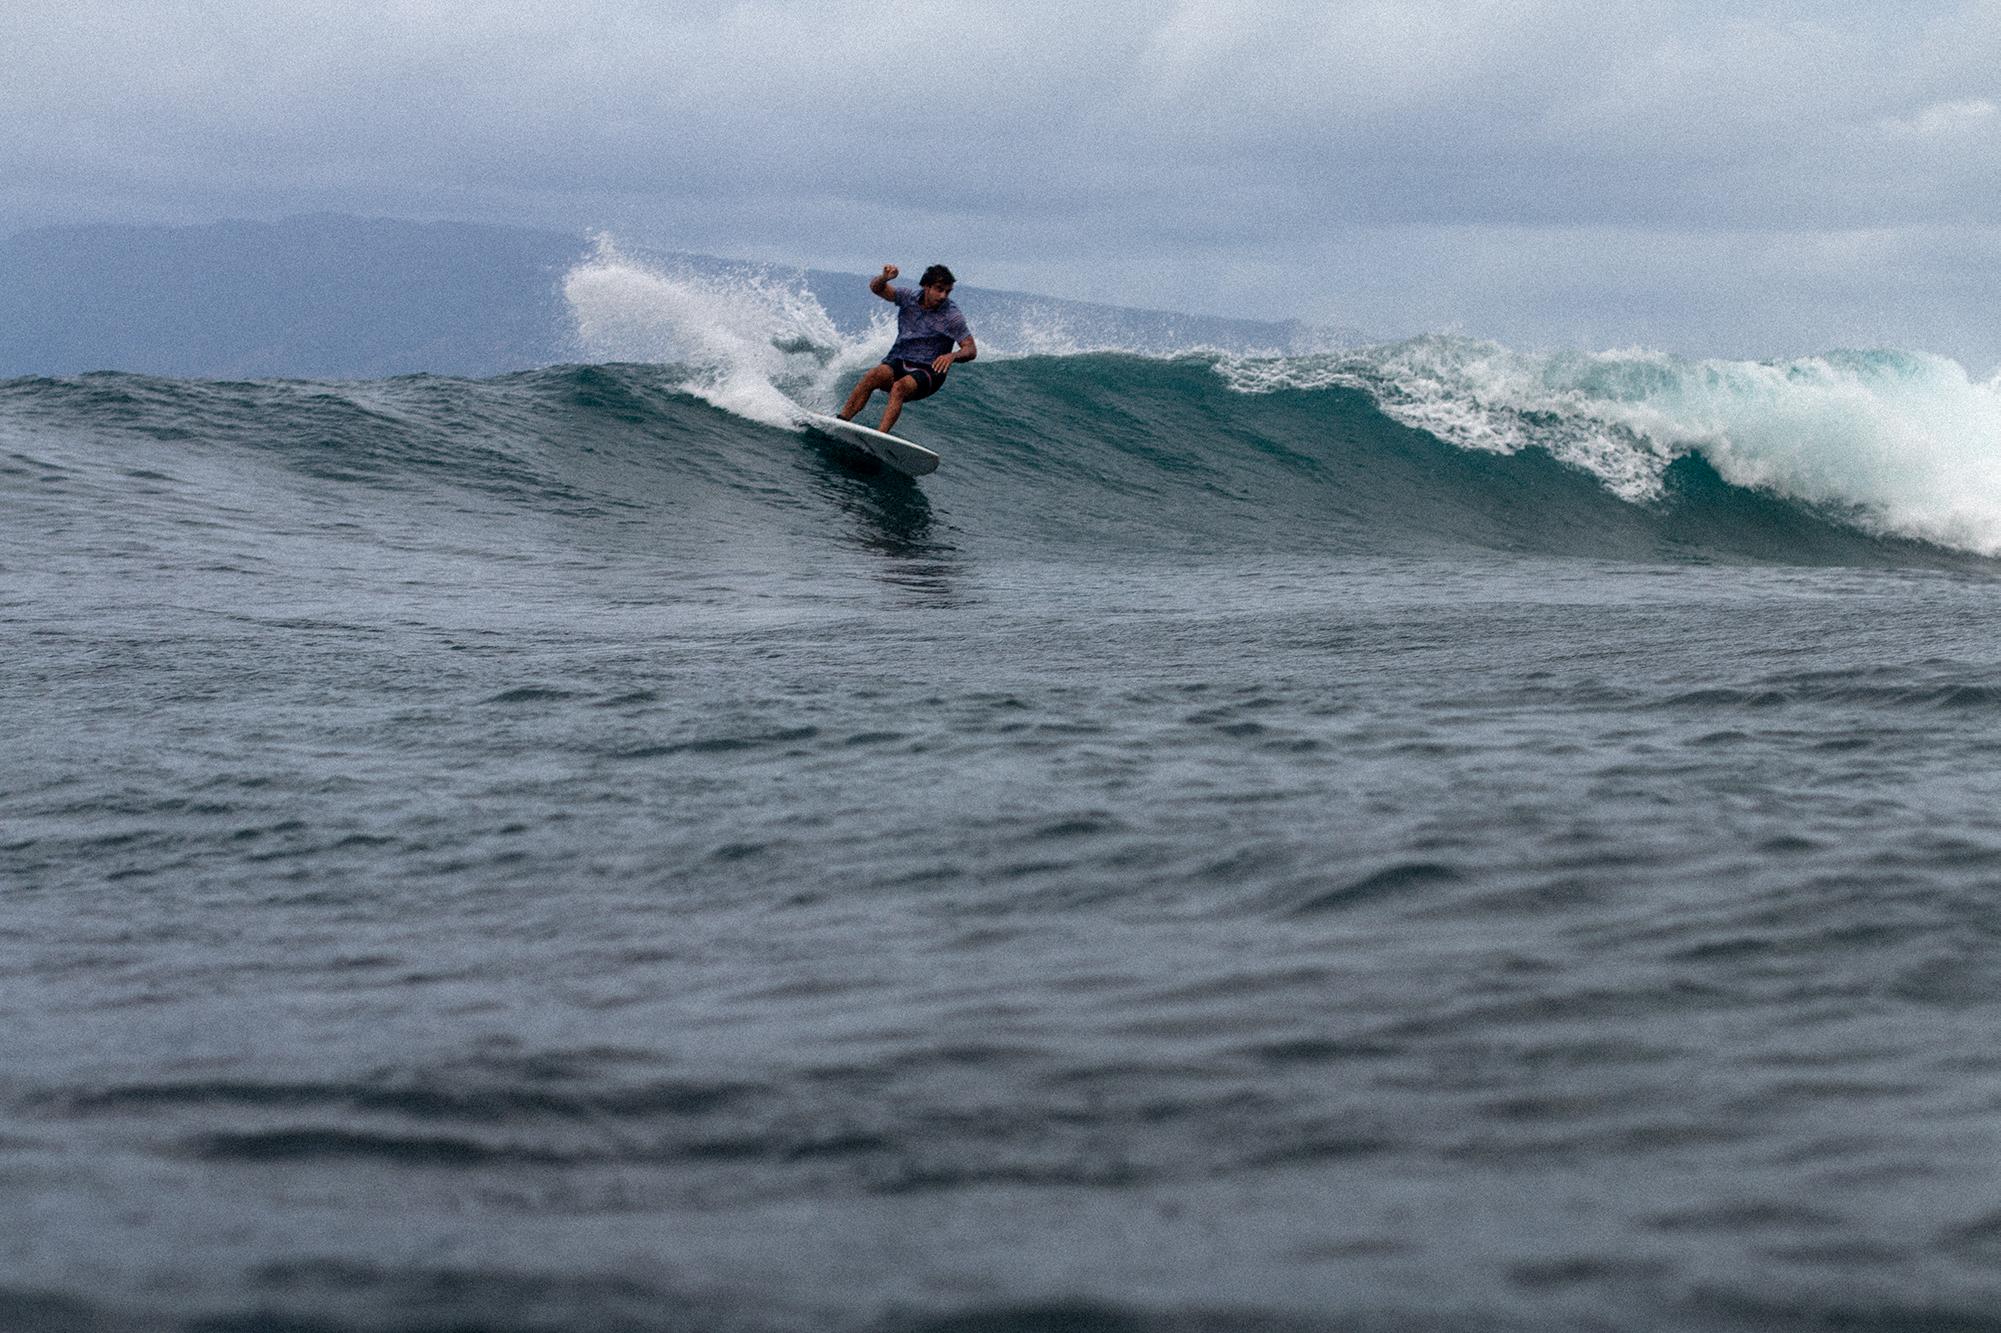 Maui, HI: January 18-28, 2019